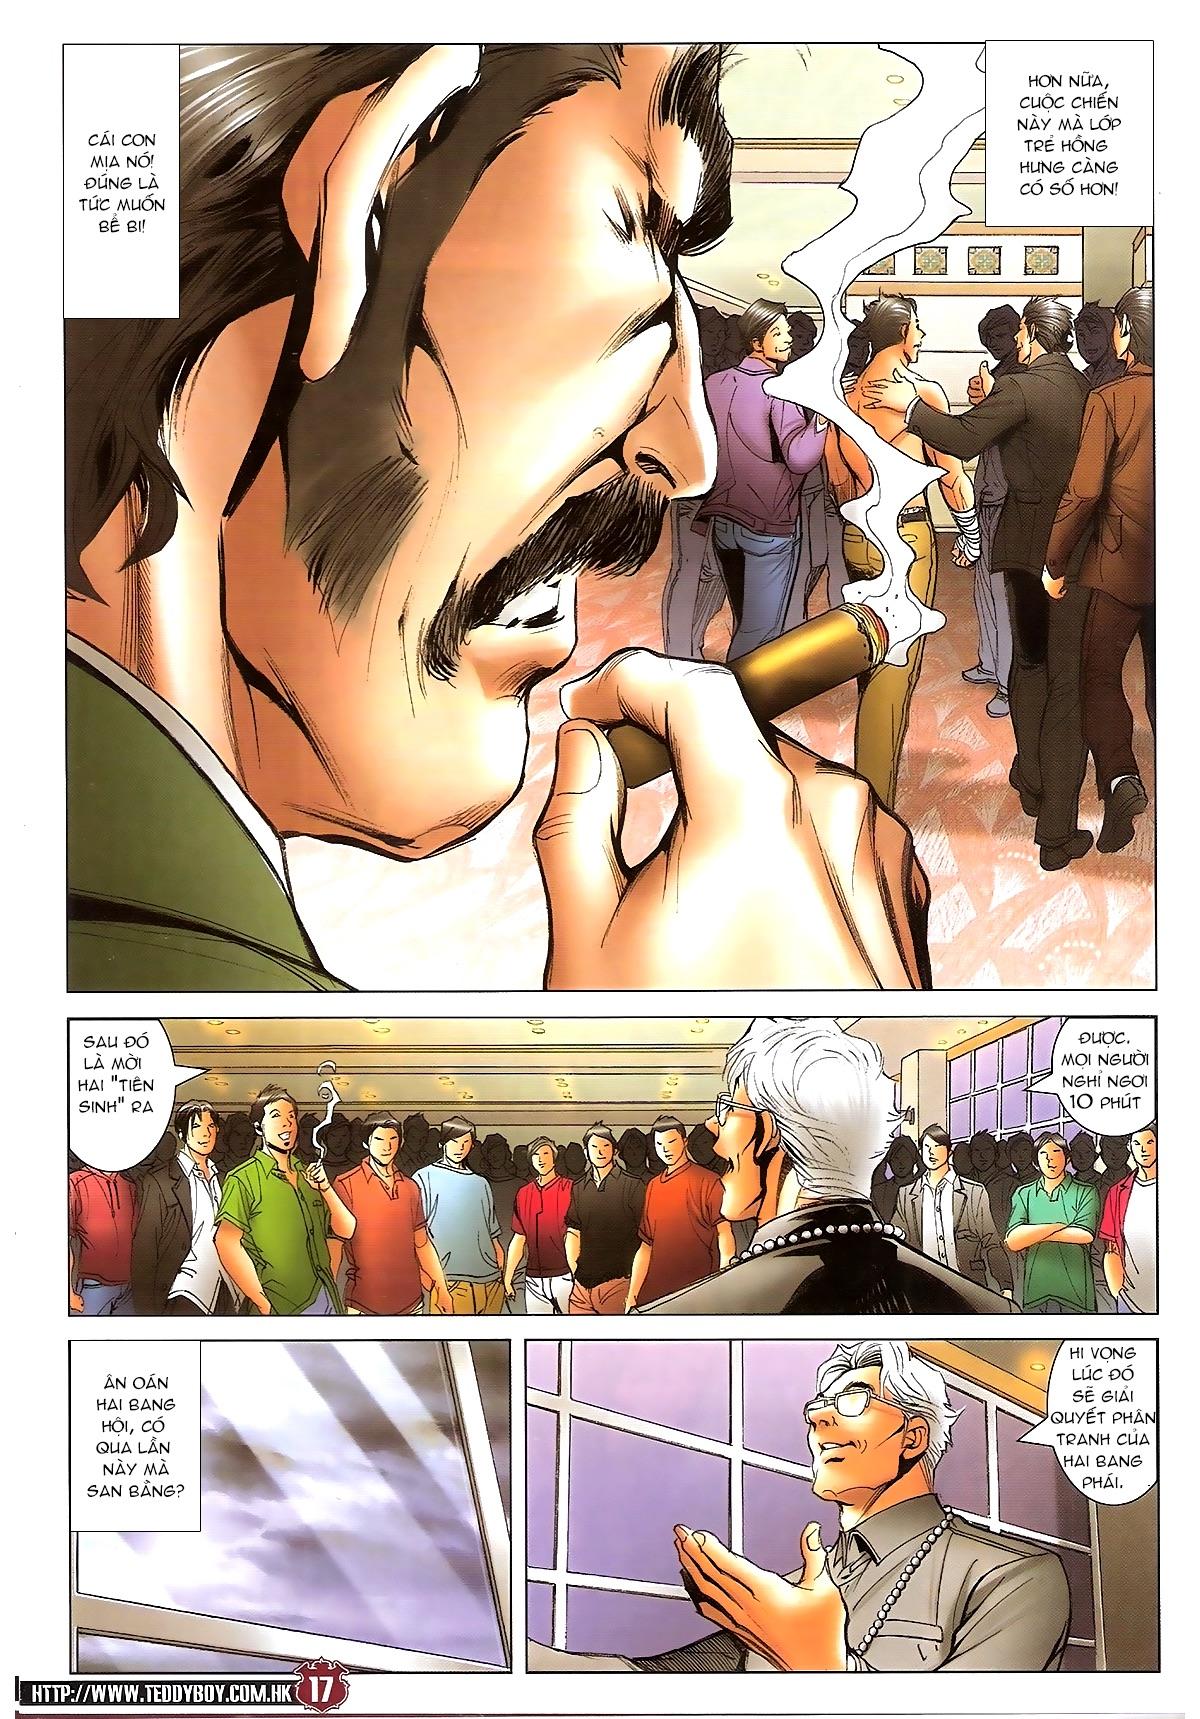 Người Trong Giang Hồ - Ngũ Hổ qui thiên - Chapter 1717: Đàm phán siêu cấp 3 - Pic 16